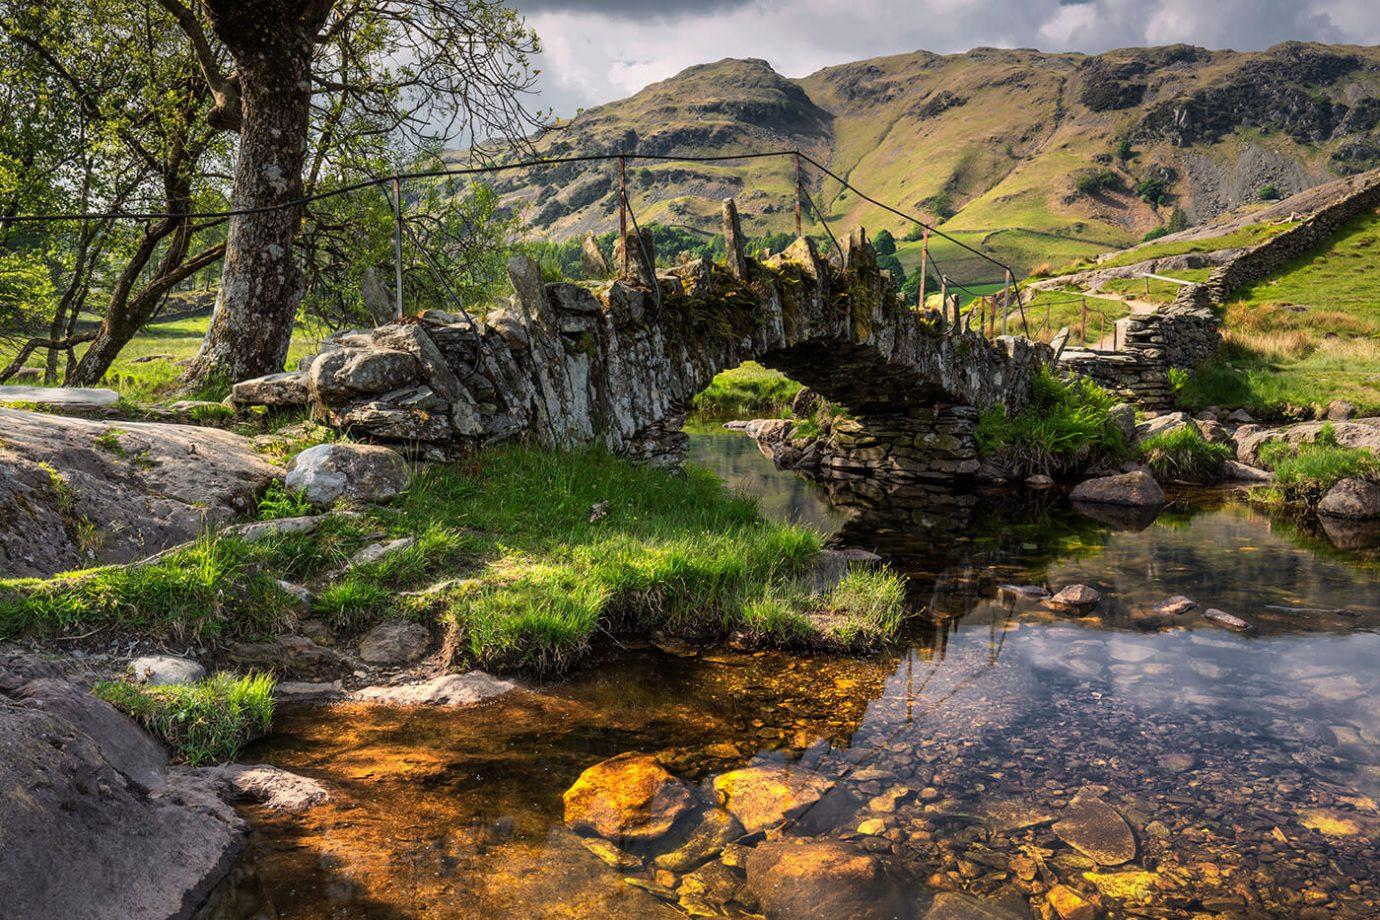 Slater's Bridge, River Brathay, Lake District